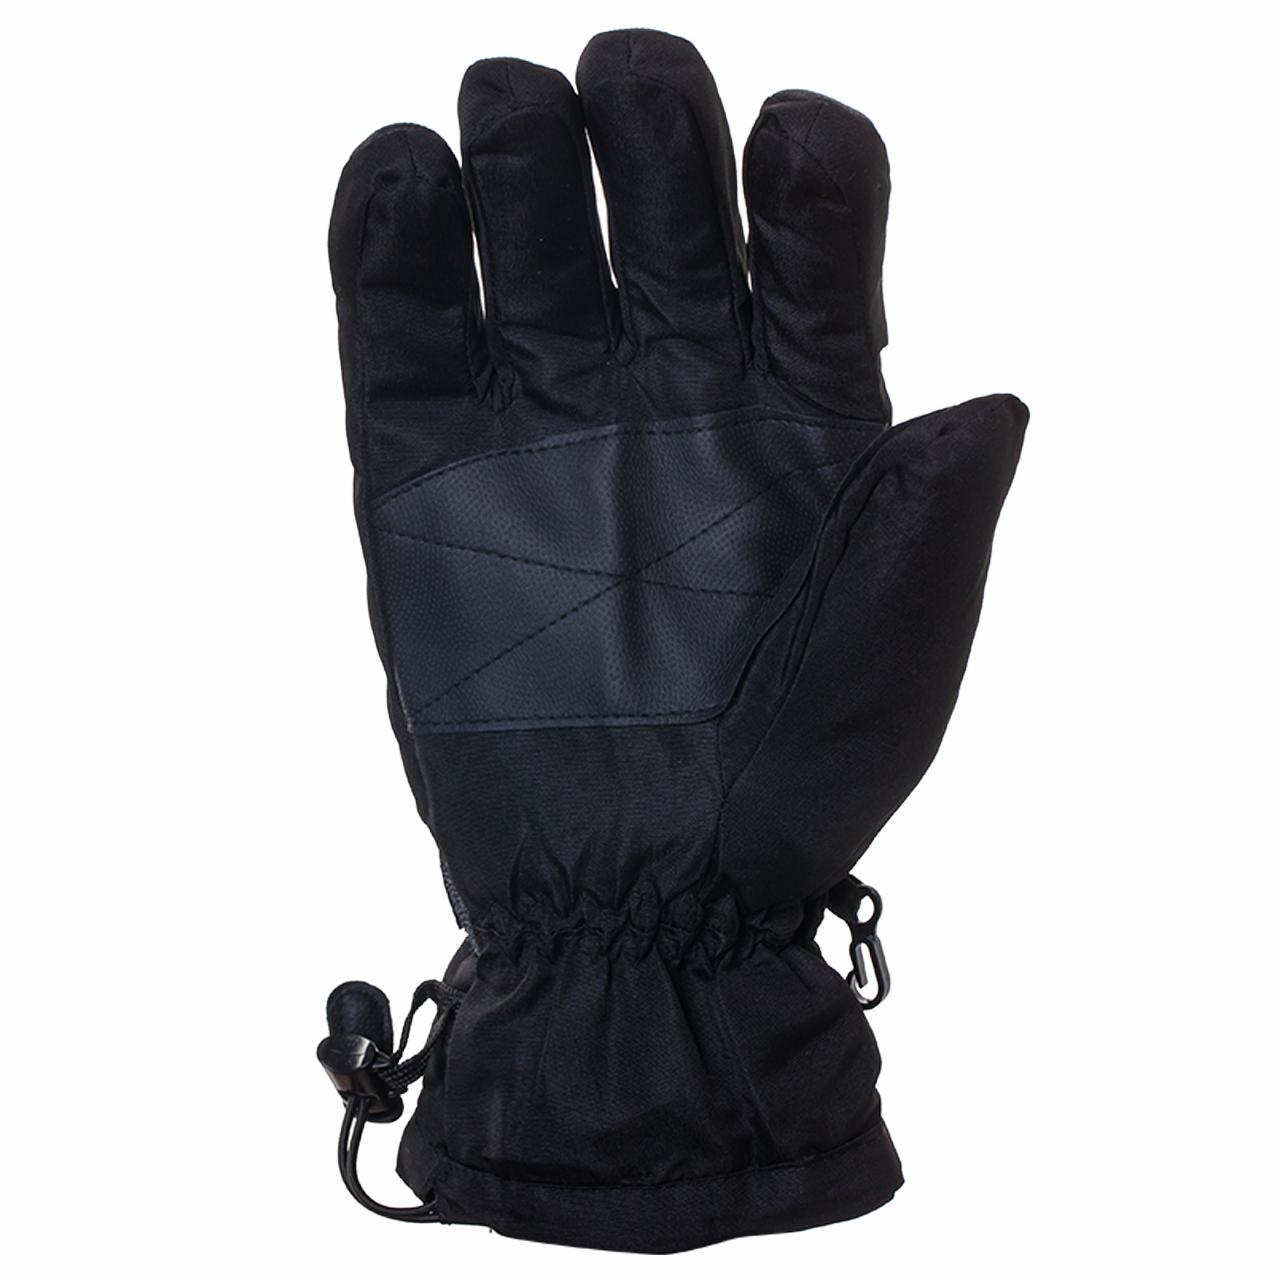 Черные перчатки для зимнего спорта (на флисе) заказать в Военпро